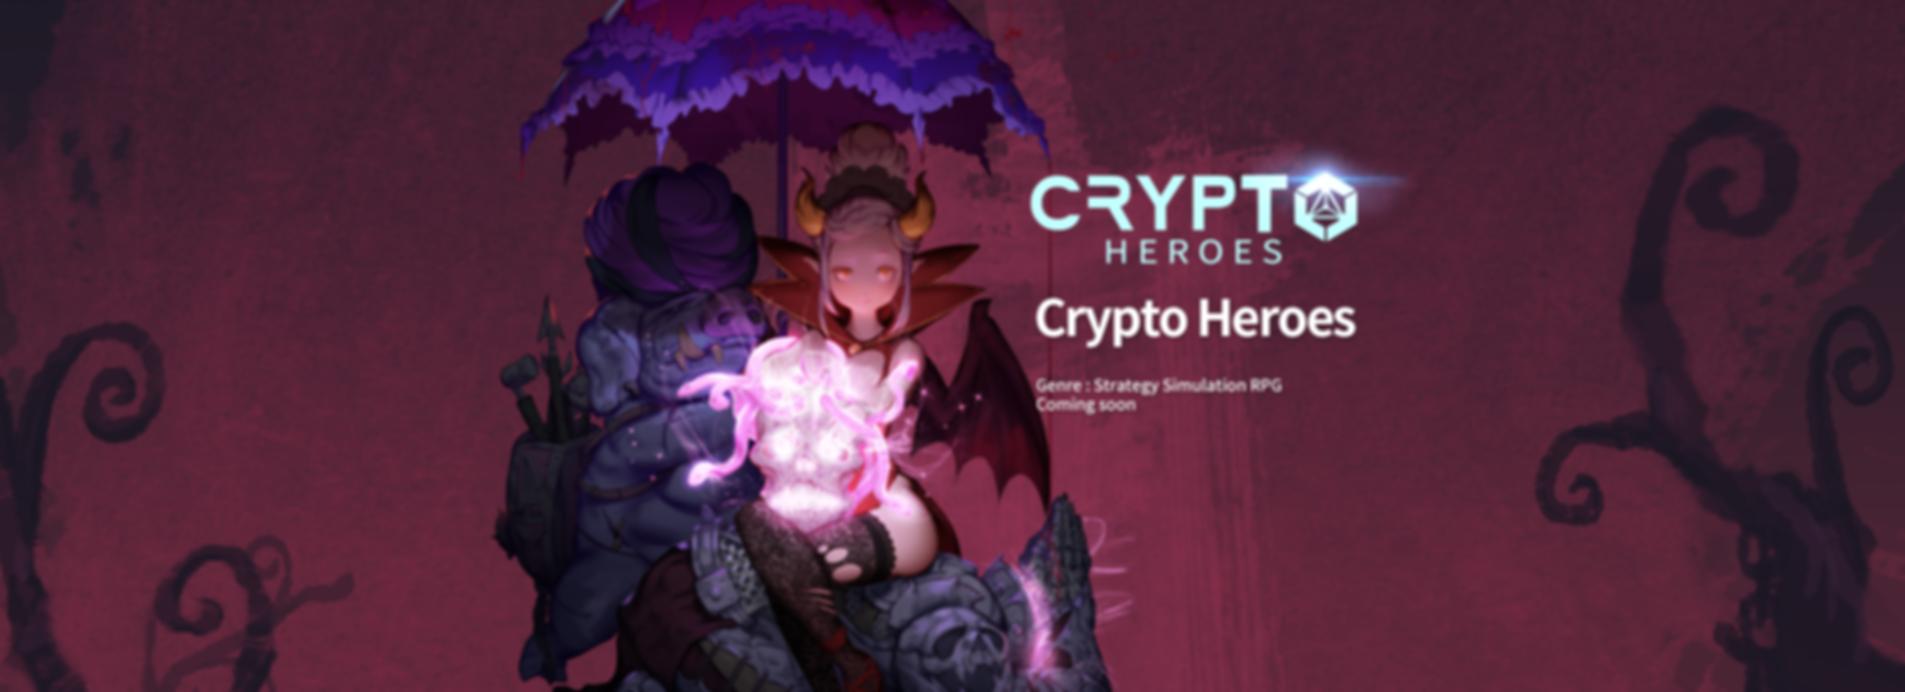 games_cryptoheroes_02_en.png